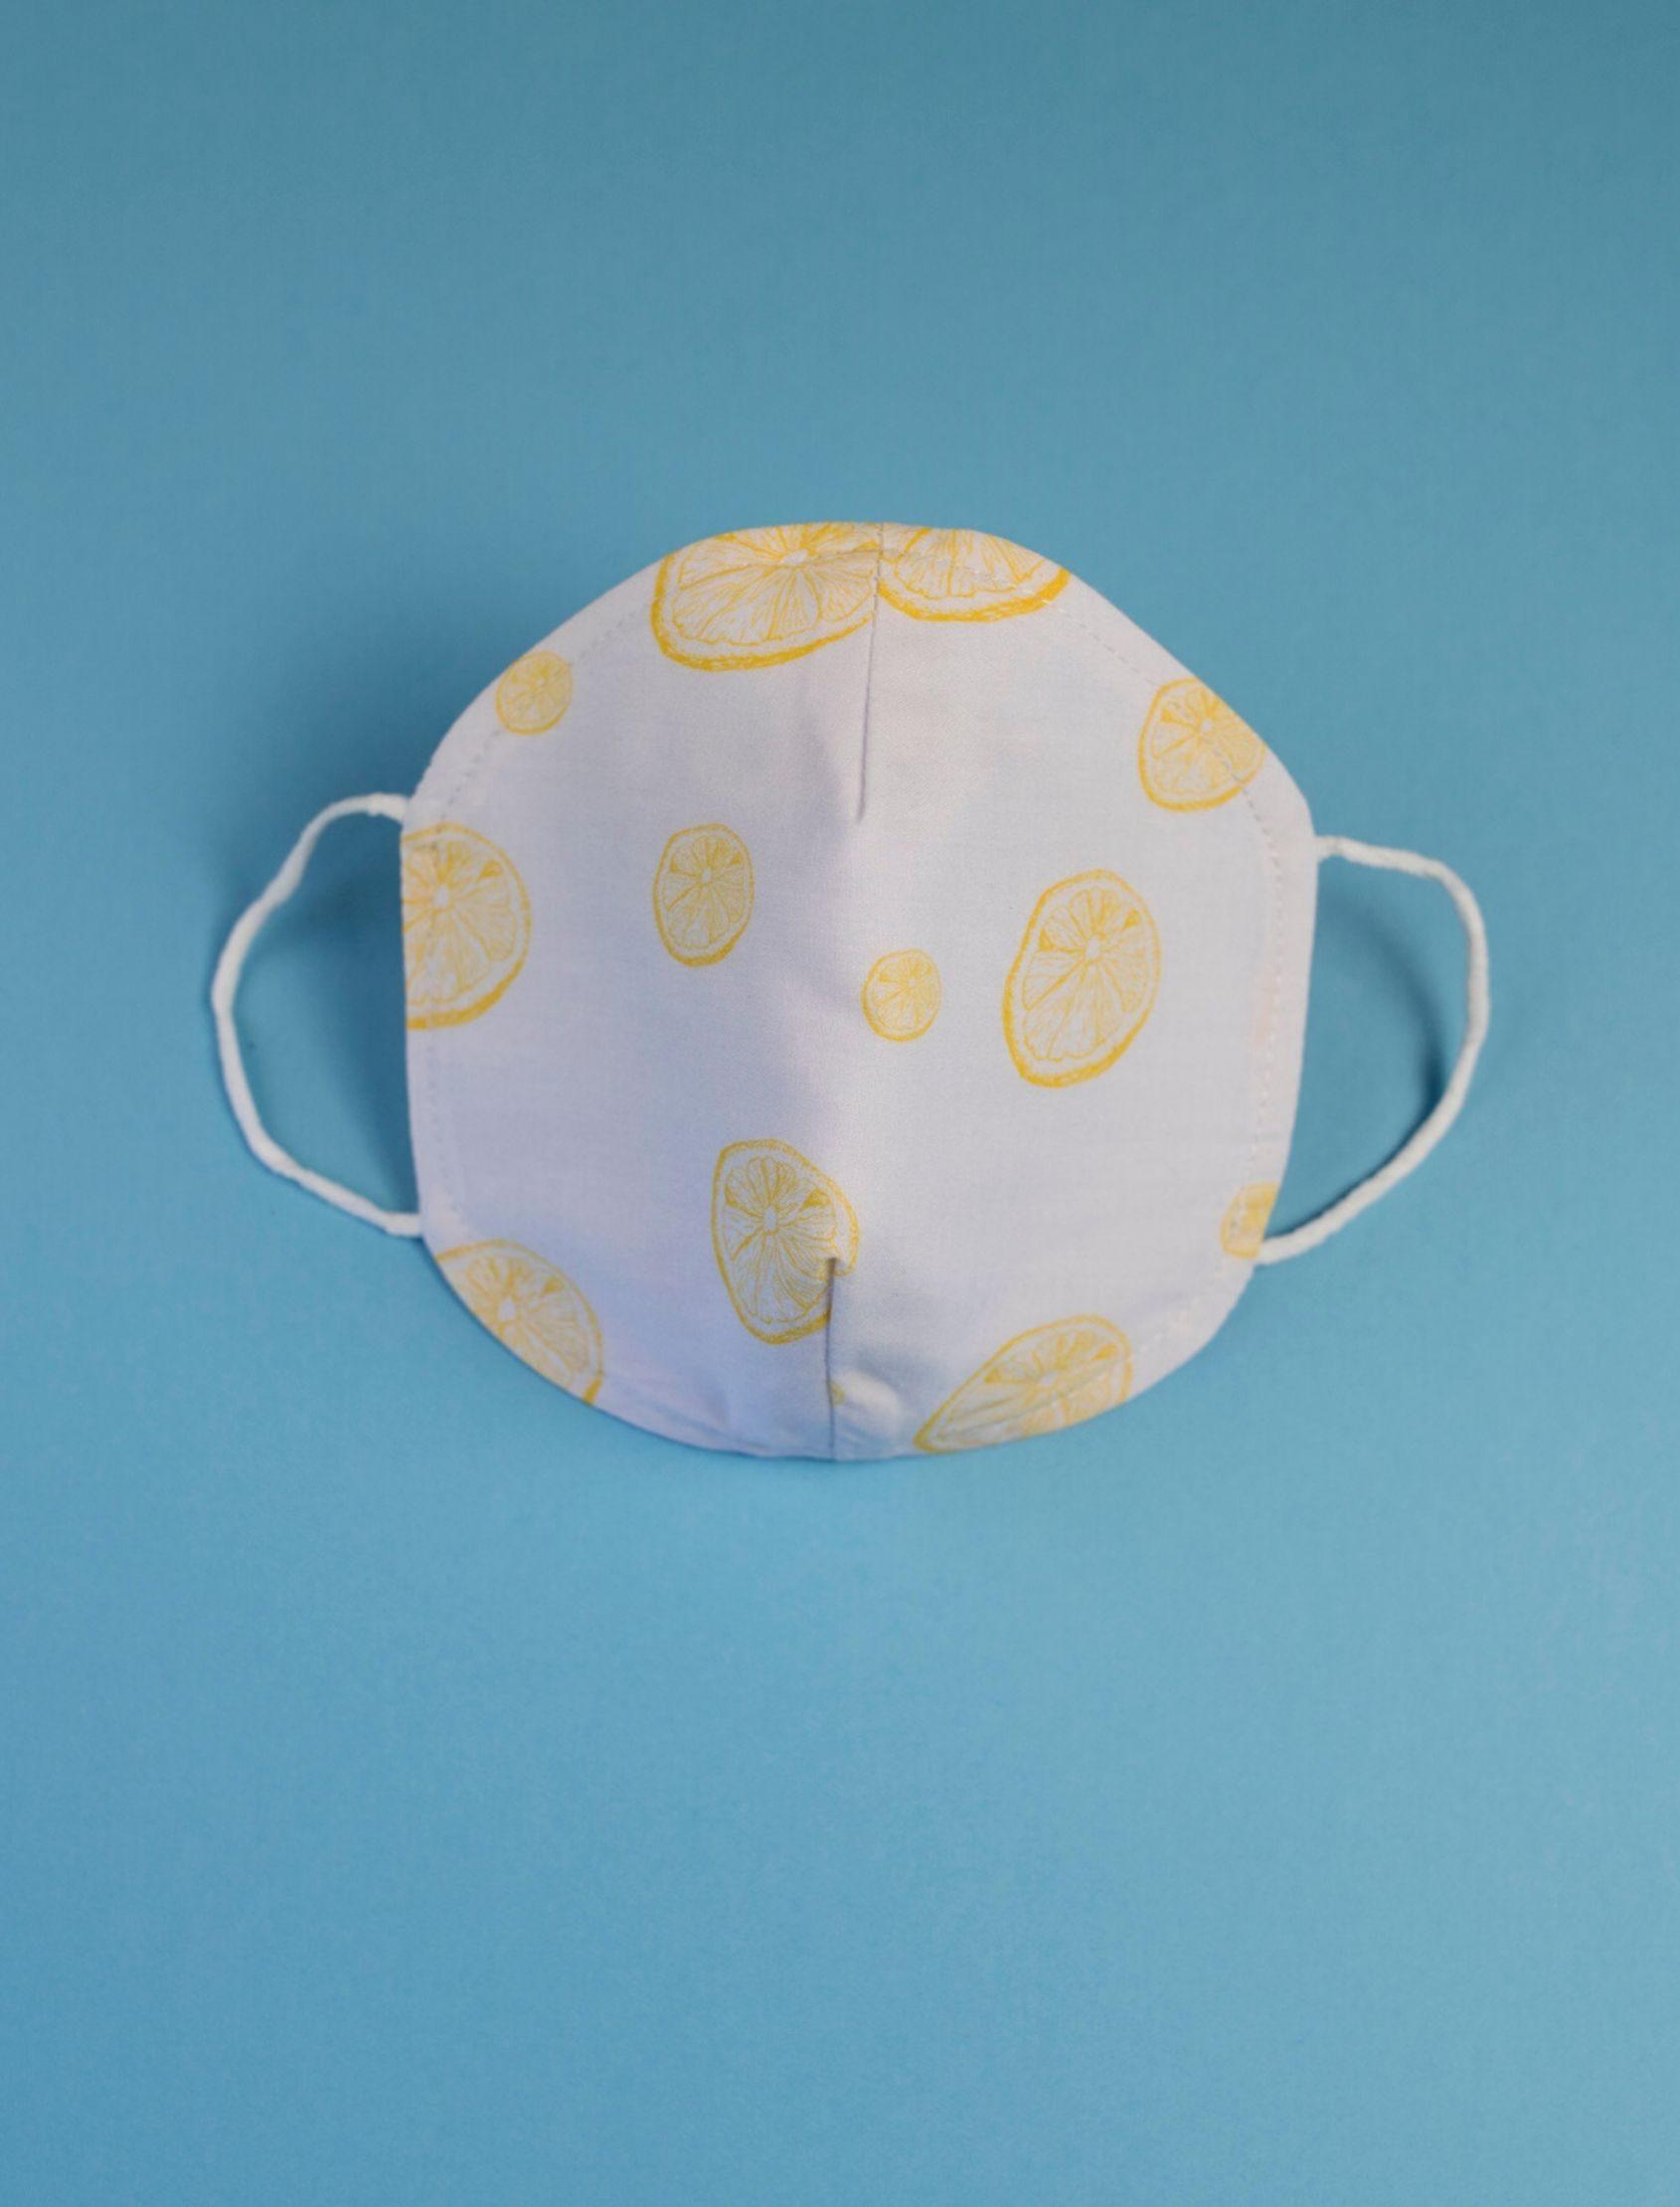 mascarilla infantil lemon con estmpdo de limones amarillos y tejido homologado